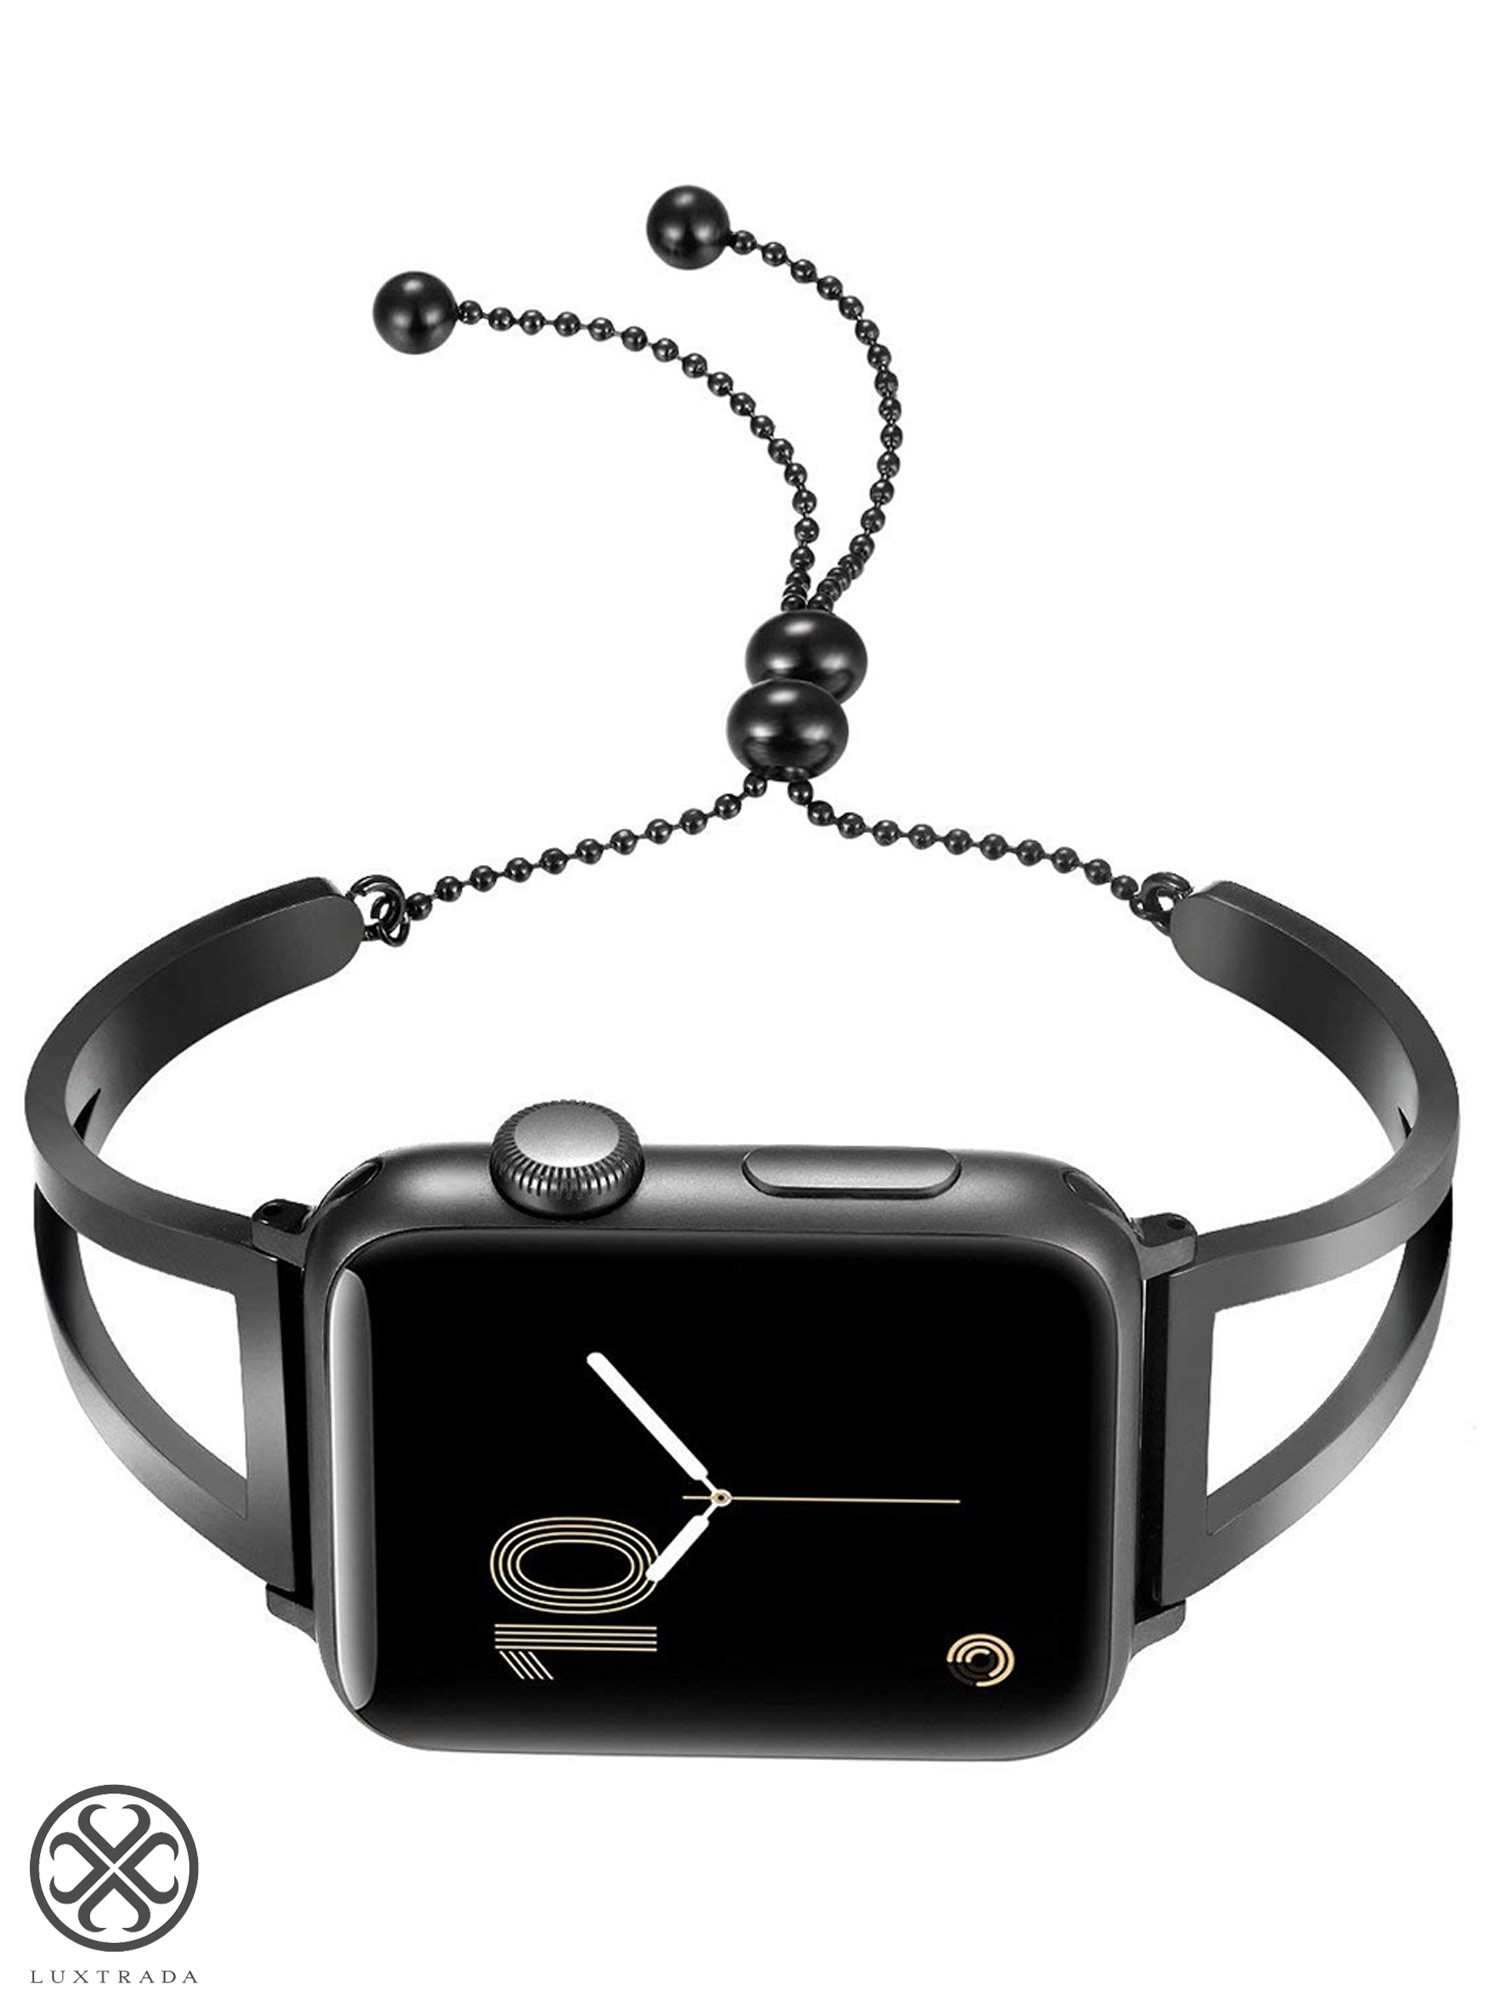 Black Adjustable Replacement Shoulder Strap Plastic Fastener for Laptop Bag 38mm